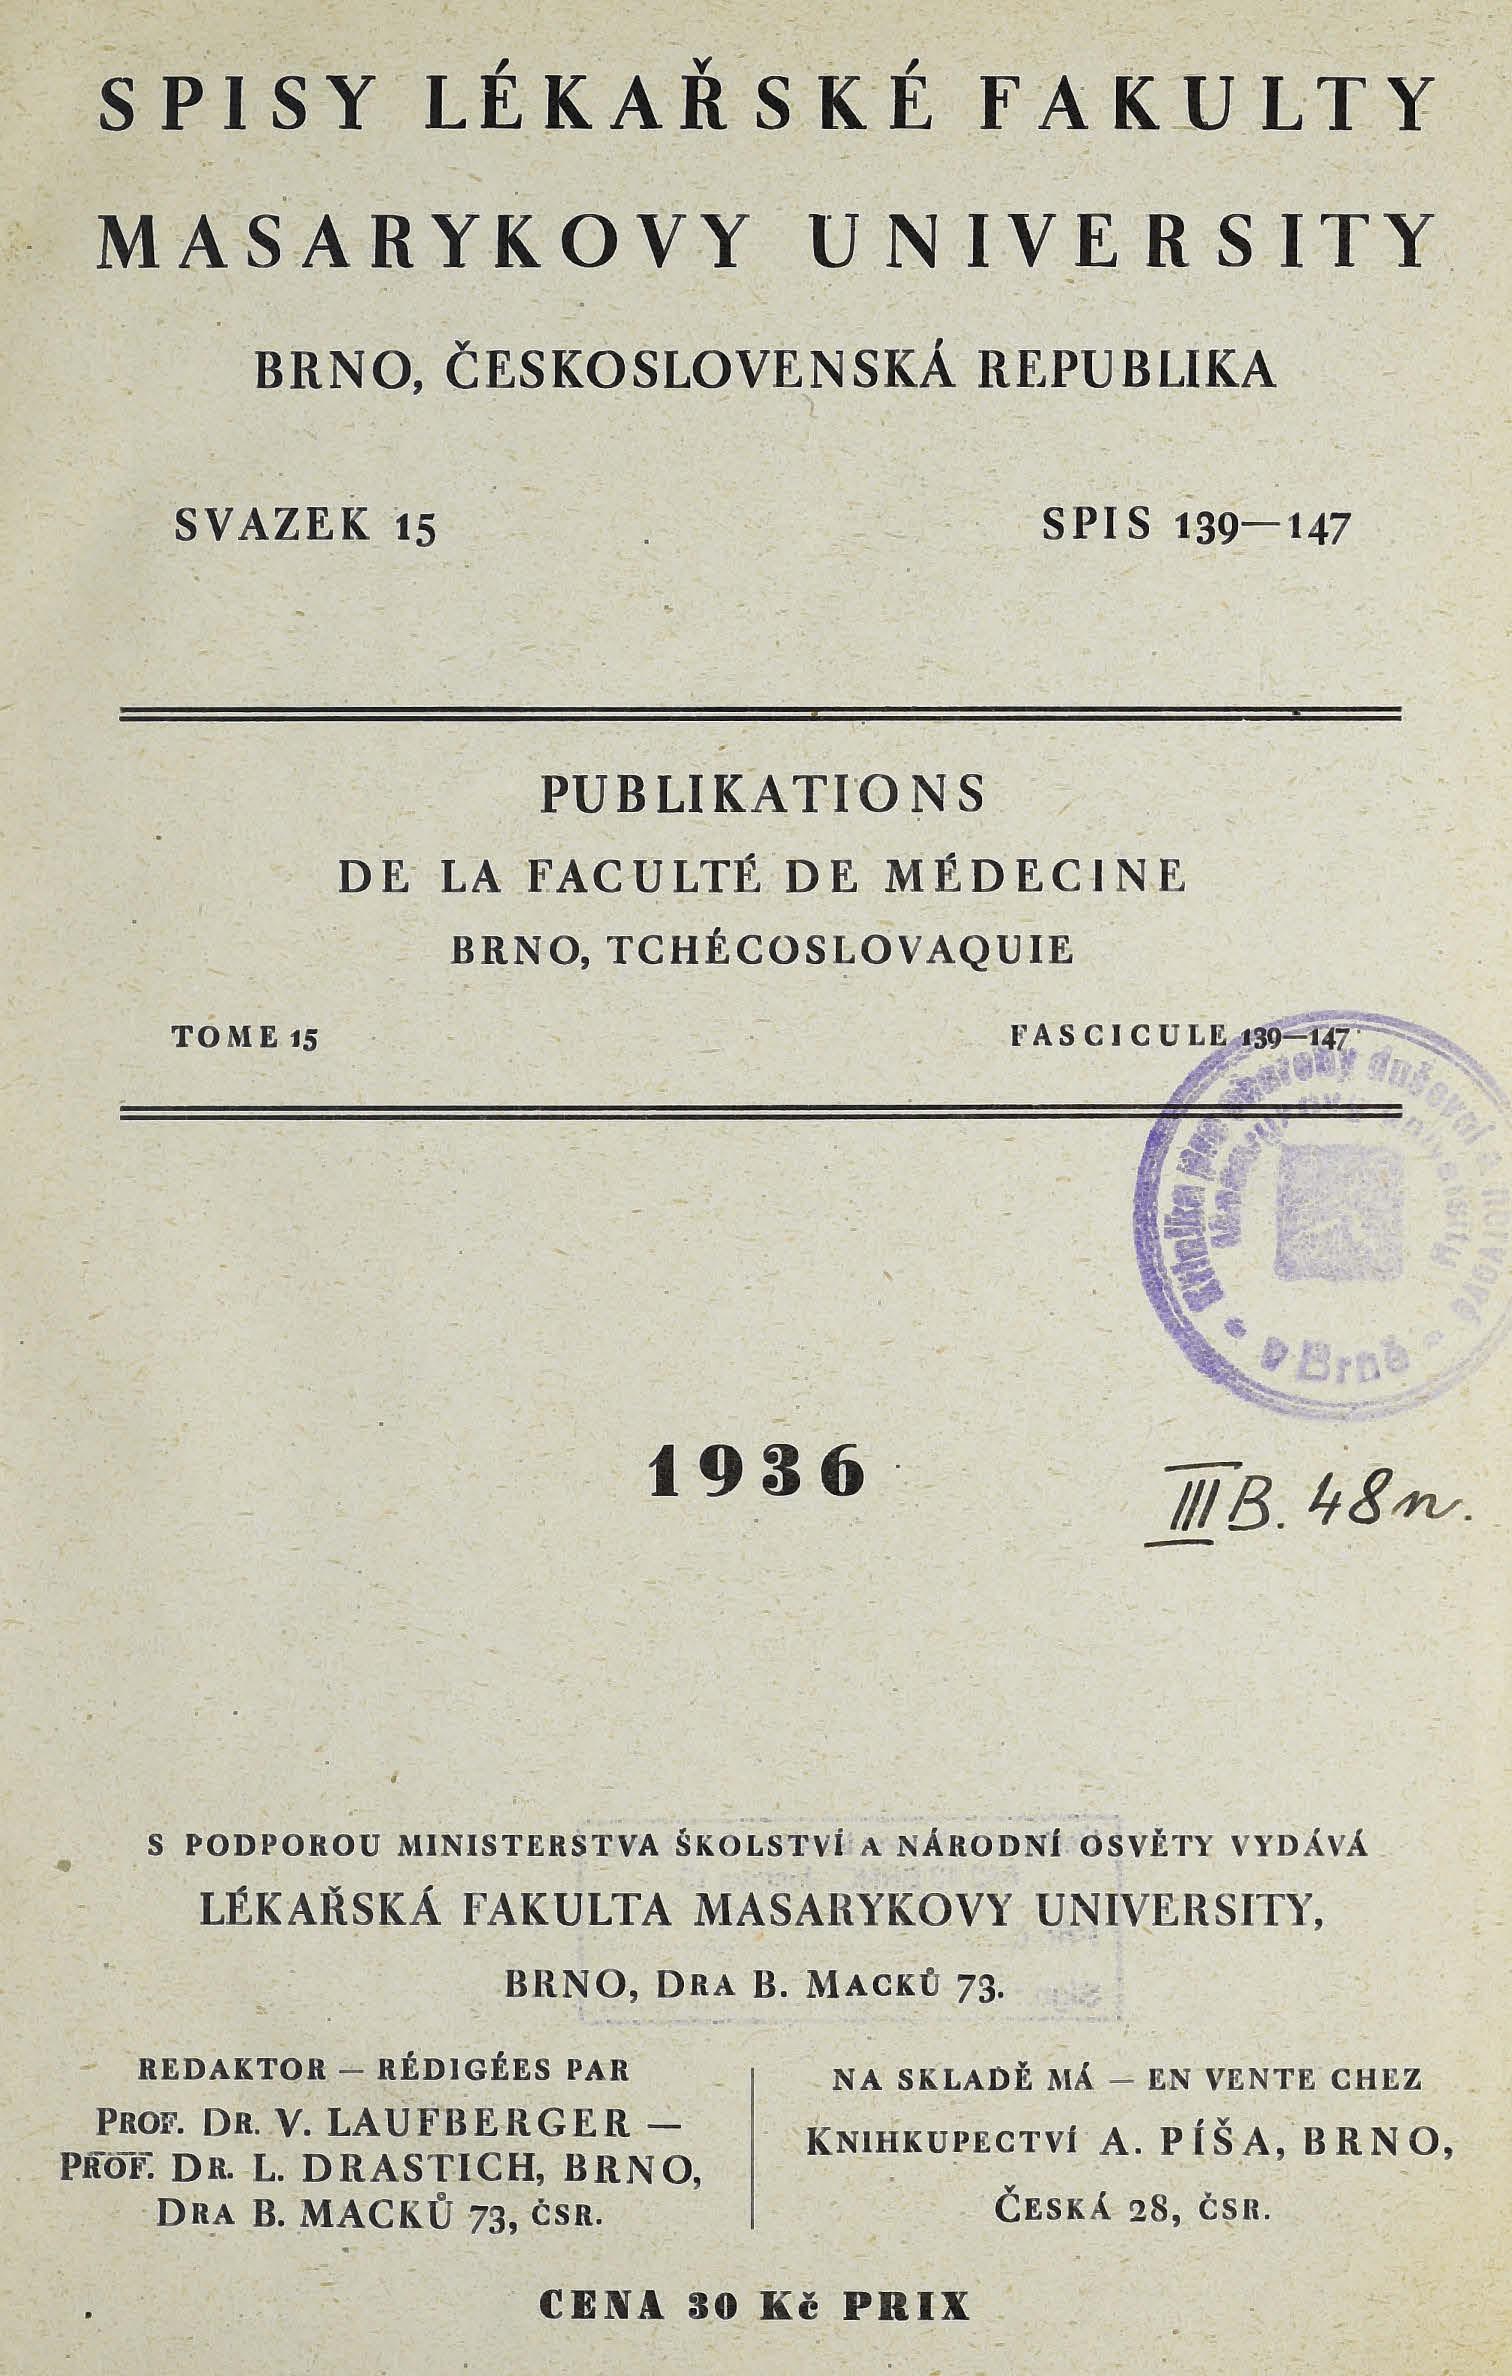 Obálka pro Spisy Lékařské fakulty, svazek 15. Intro